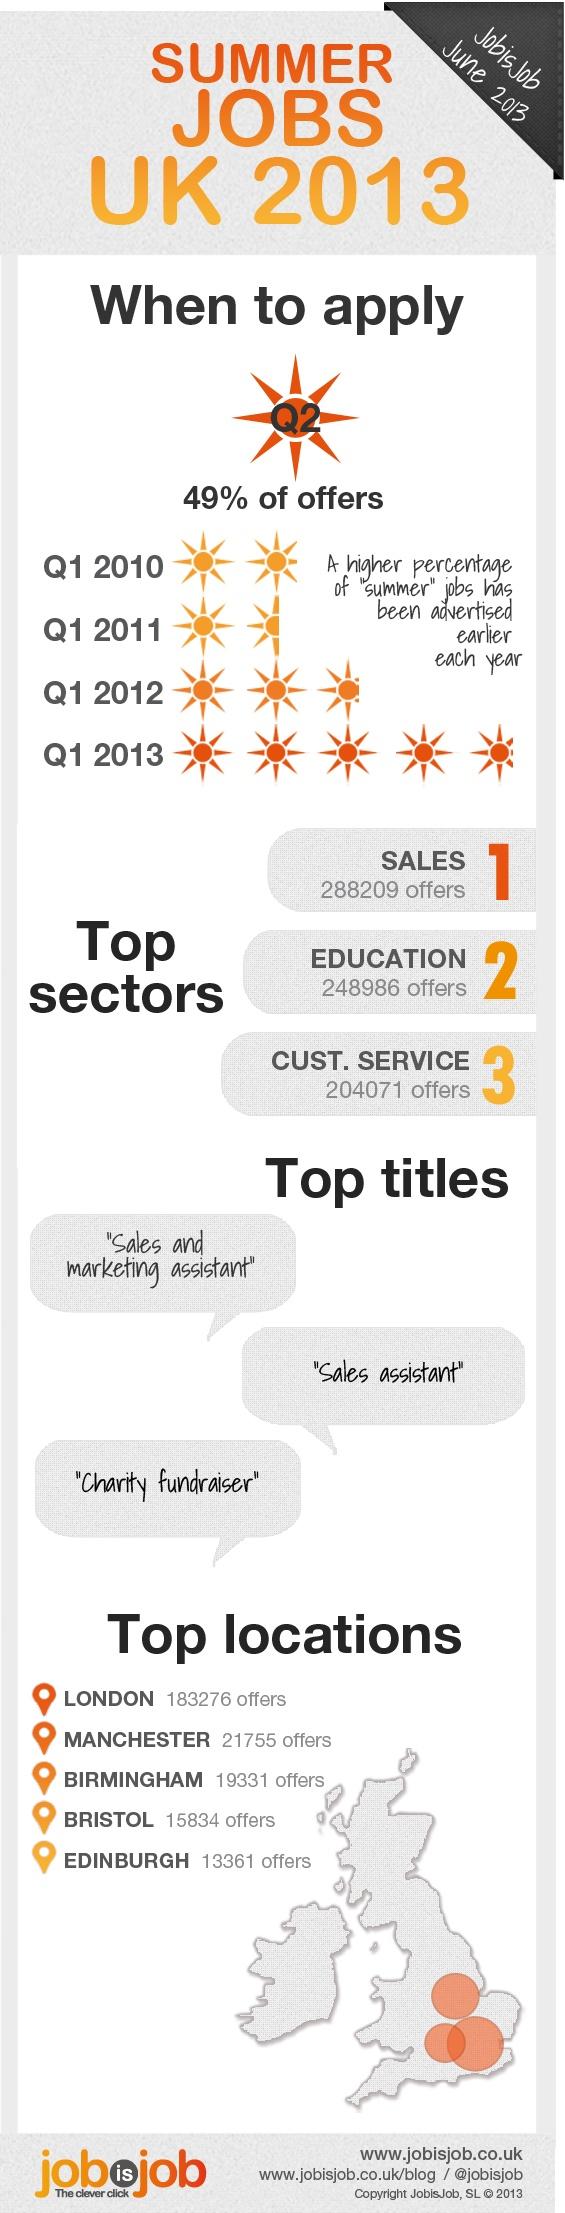 UK summer job trends 2013 (infographic)